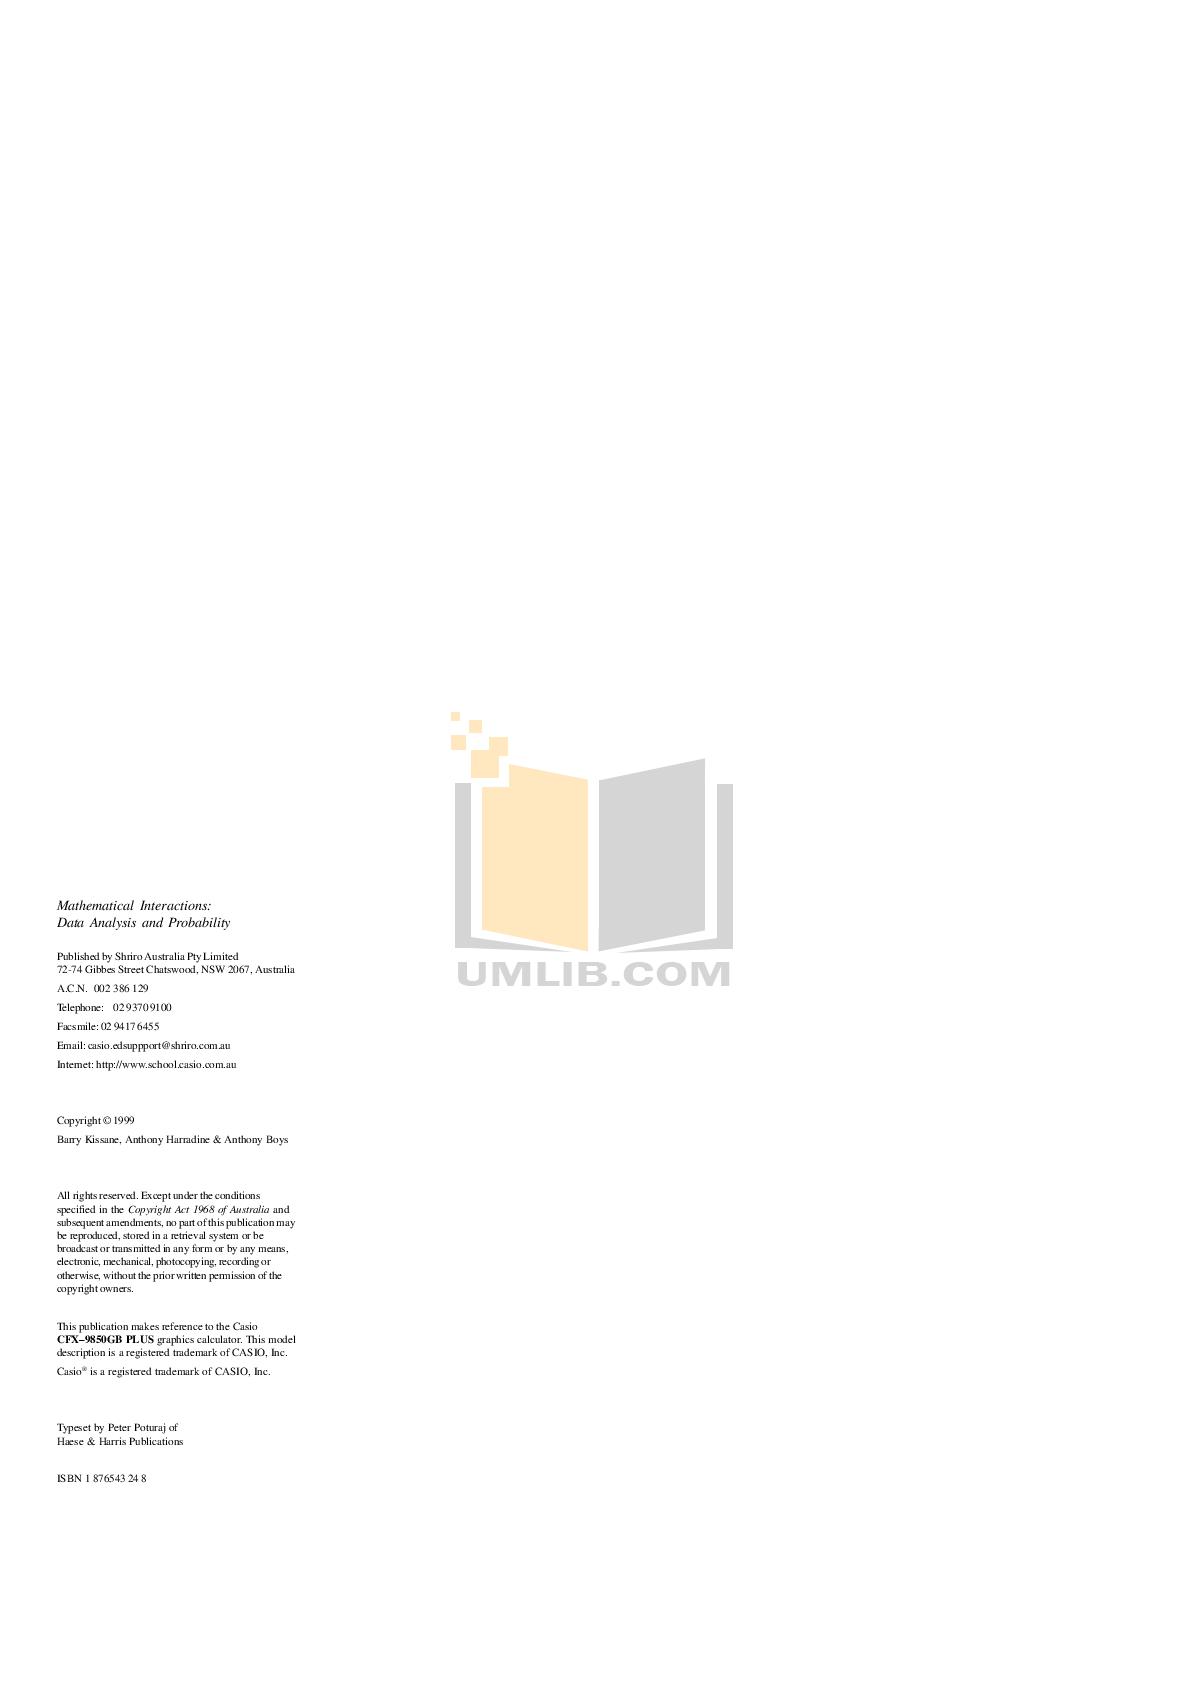 PDF manual for Casio Calculator HR-8TM